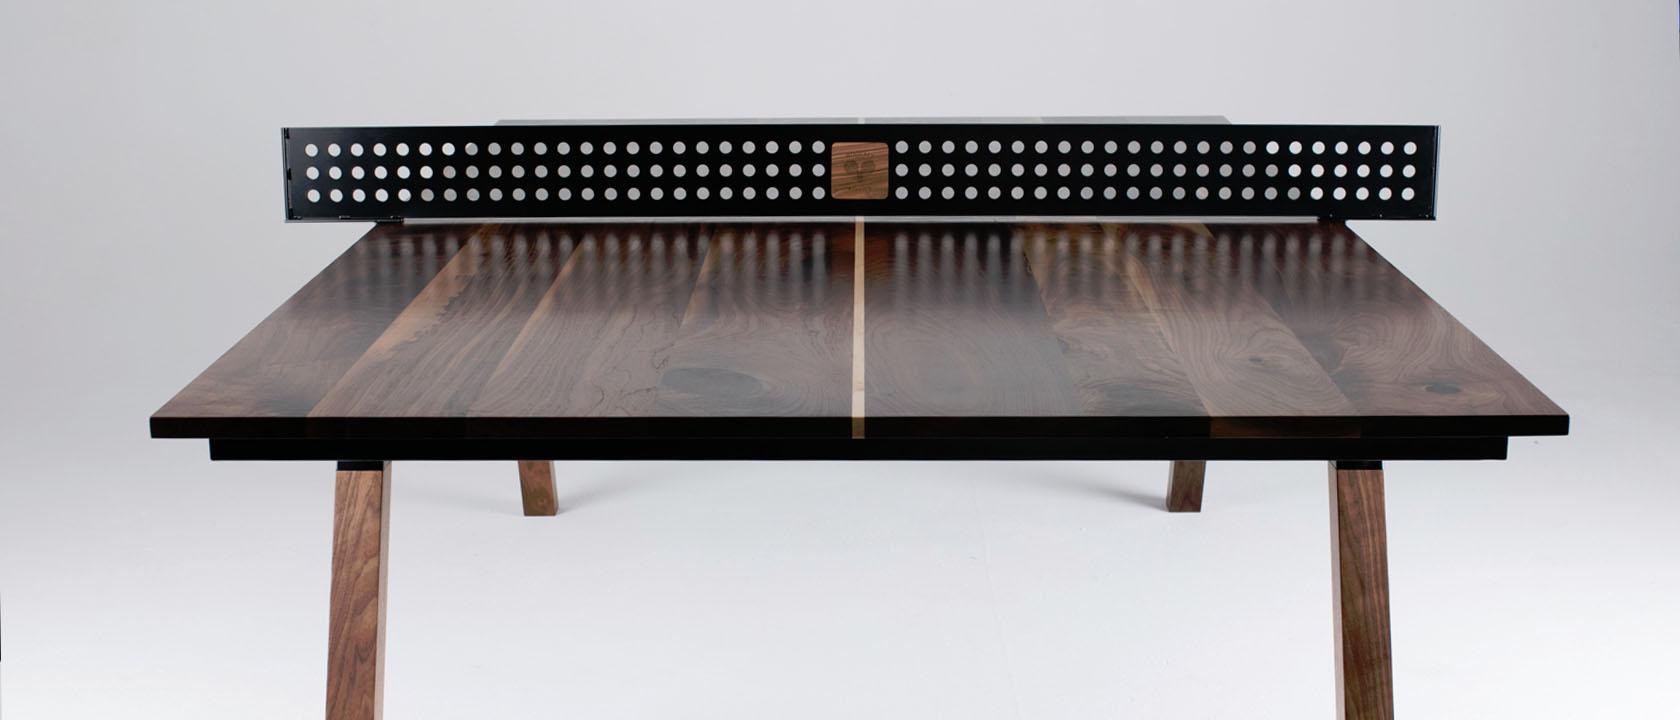 Mesas de ping pong de interior baratas ofertas de mesas for Mesas de exterior baratas